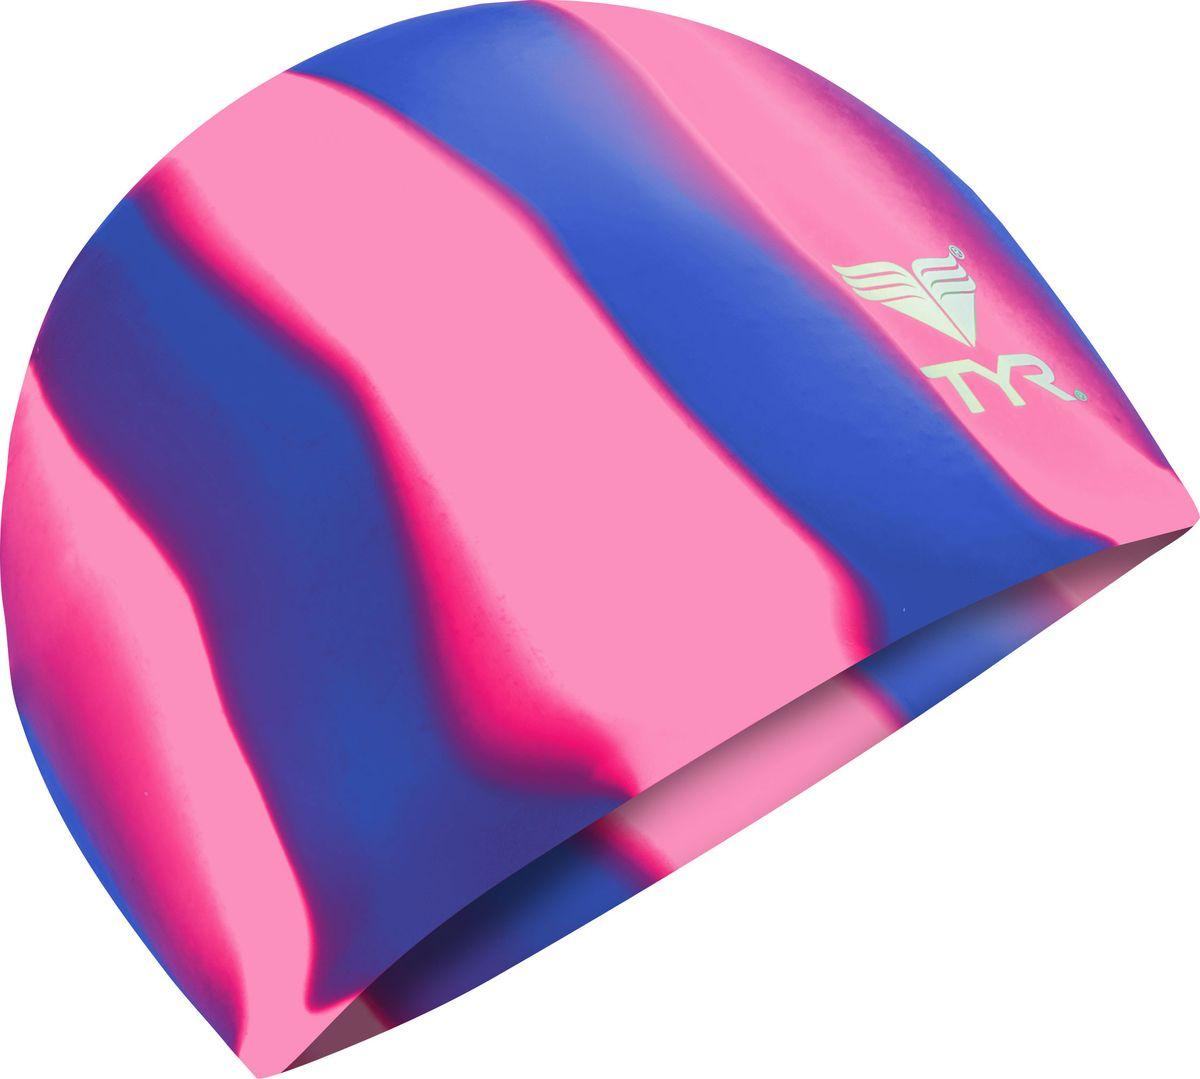 Шапочка для плавания Tyr Multi Silicone Cap, цвет: фиолетовый, розовый. LCSMLCSMРазноцветная силиконовая шапочка TYR – изготовлена из высококачественного материала устойчивого к воздействию хлорированной воды, что гарантирует долгий срок службы. Материал шапочки не вызывает раздражения кожи и других аллергических реакций. Прекрасный вариант для тренировок в бассейне.